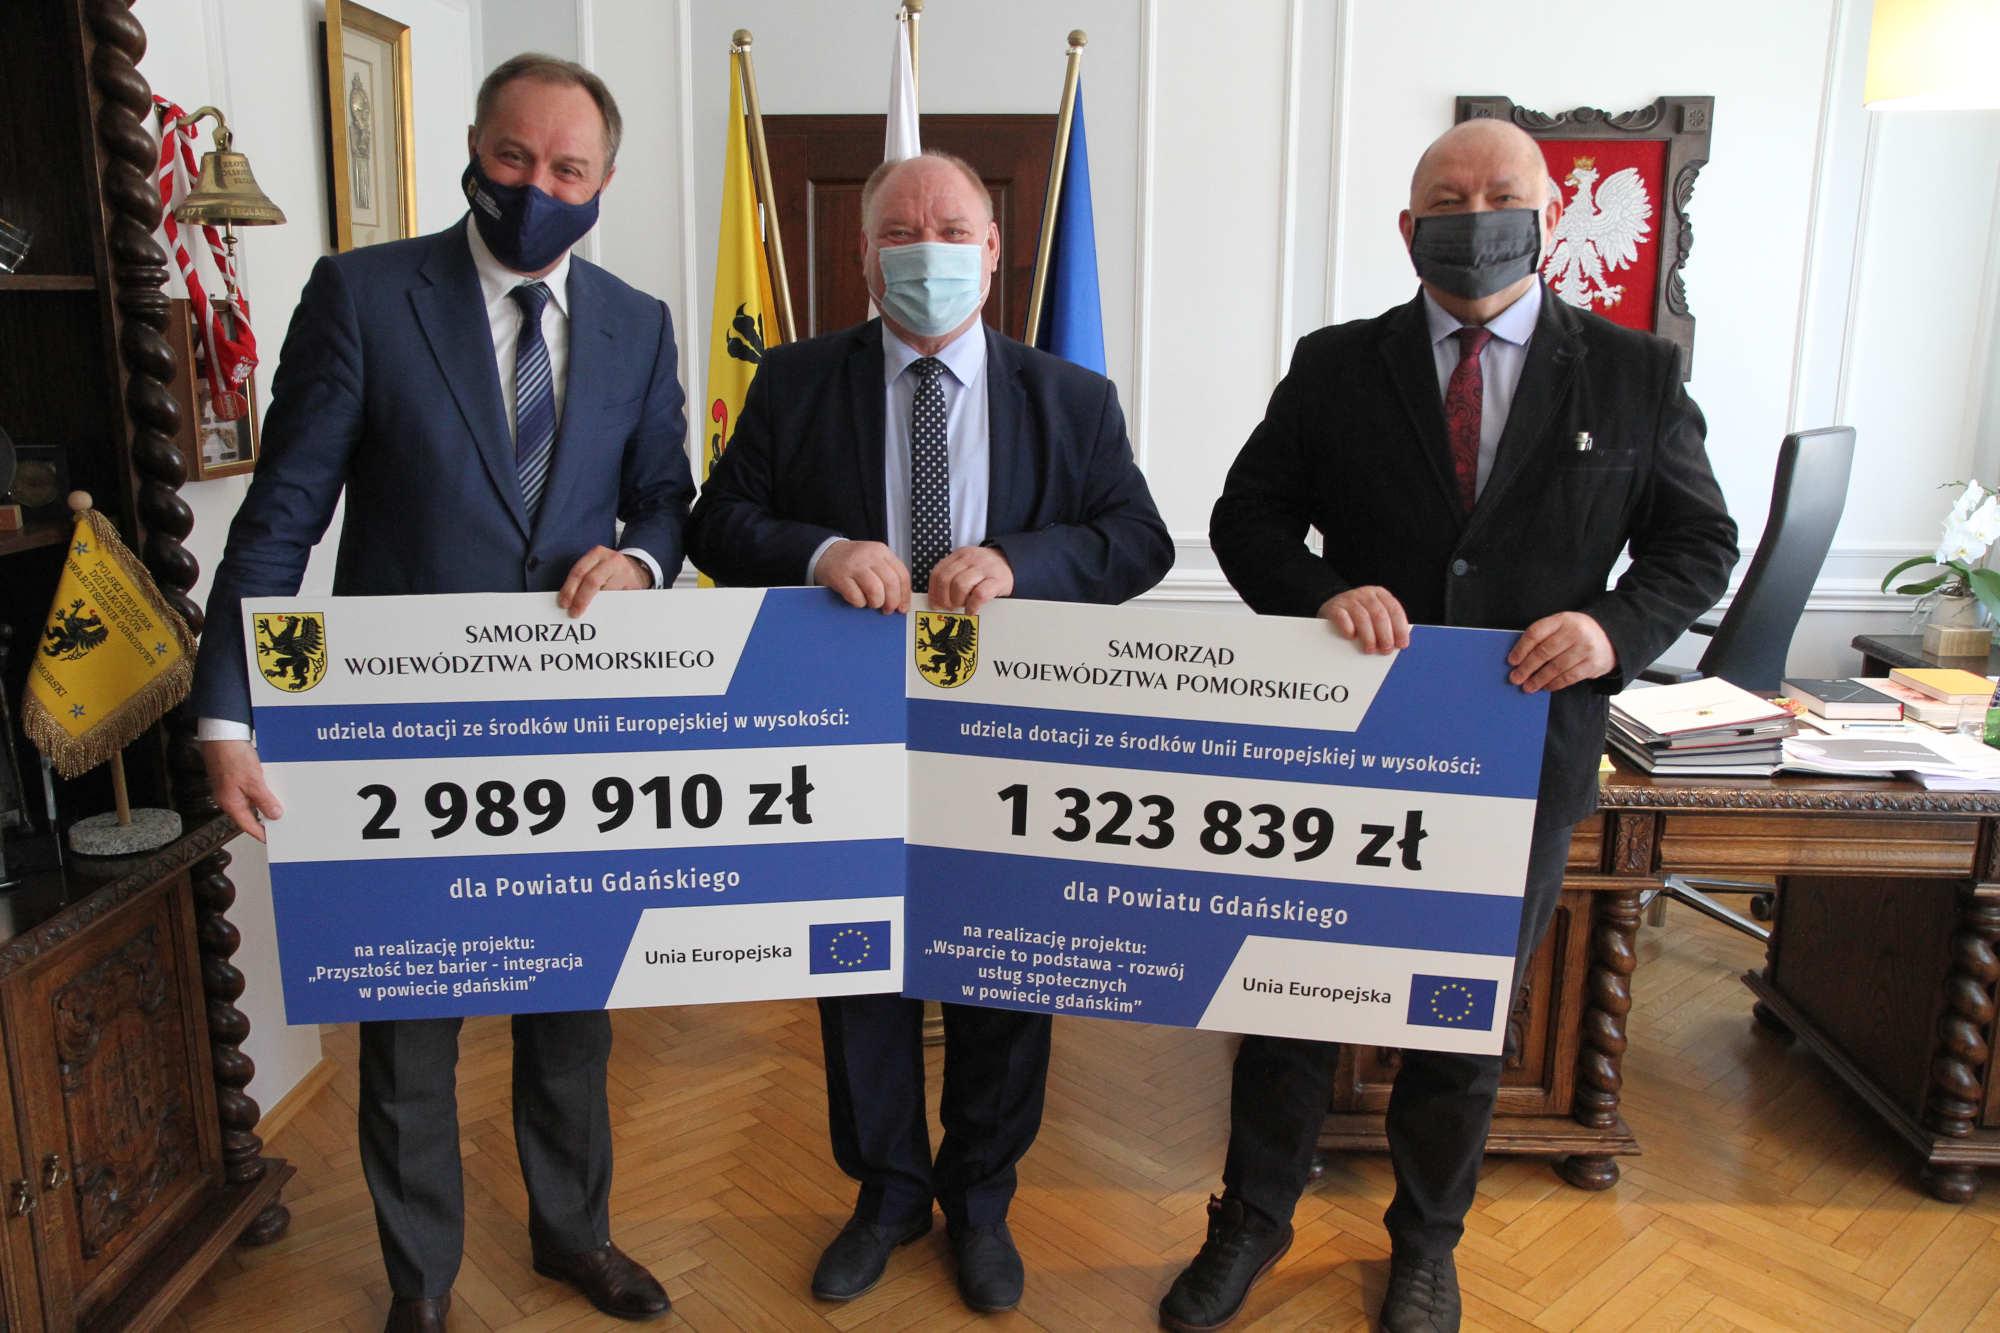 Ponad 4,31 mln zł dla powiatu gdańskiego. Unijne dotacje na wsparcie usług społecznych